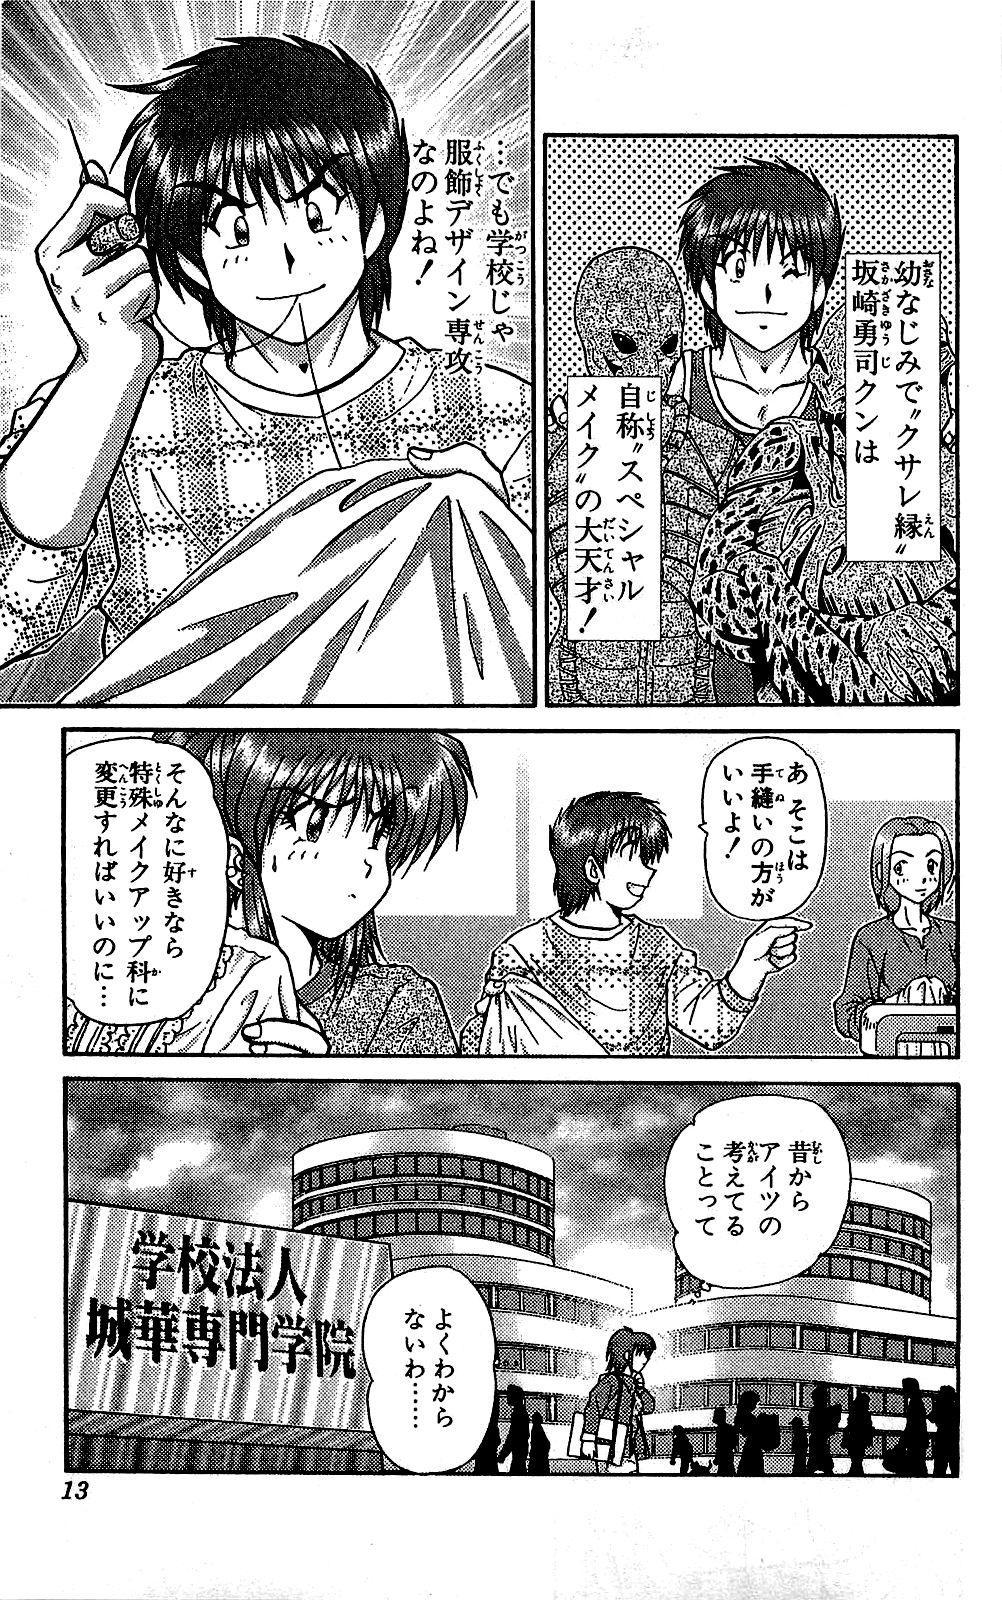 Miracle Make Yuuji 13